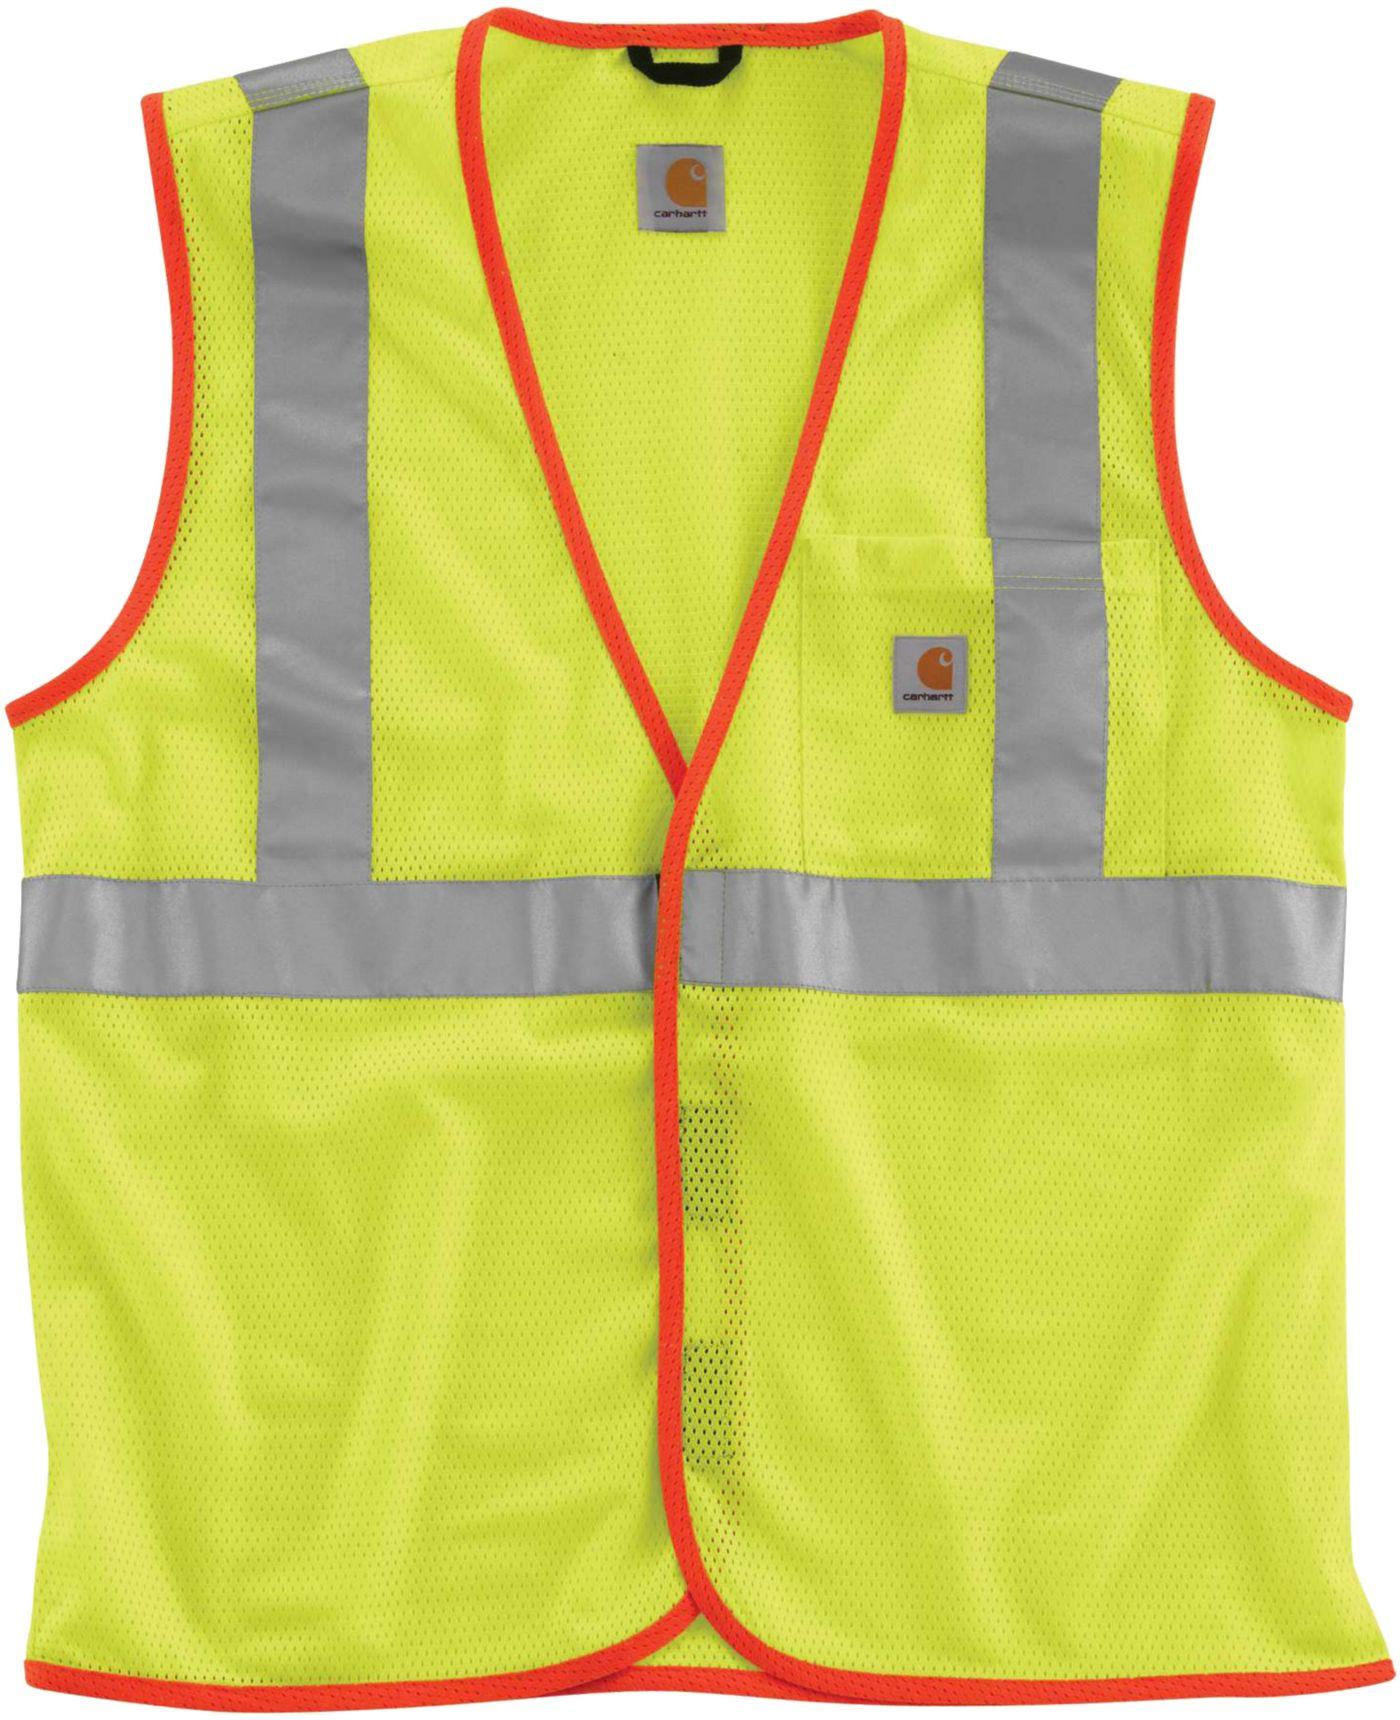 Carhartt Men's High Visibility Class 2 Vest